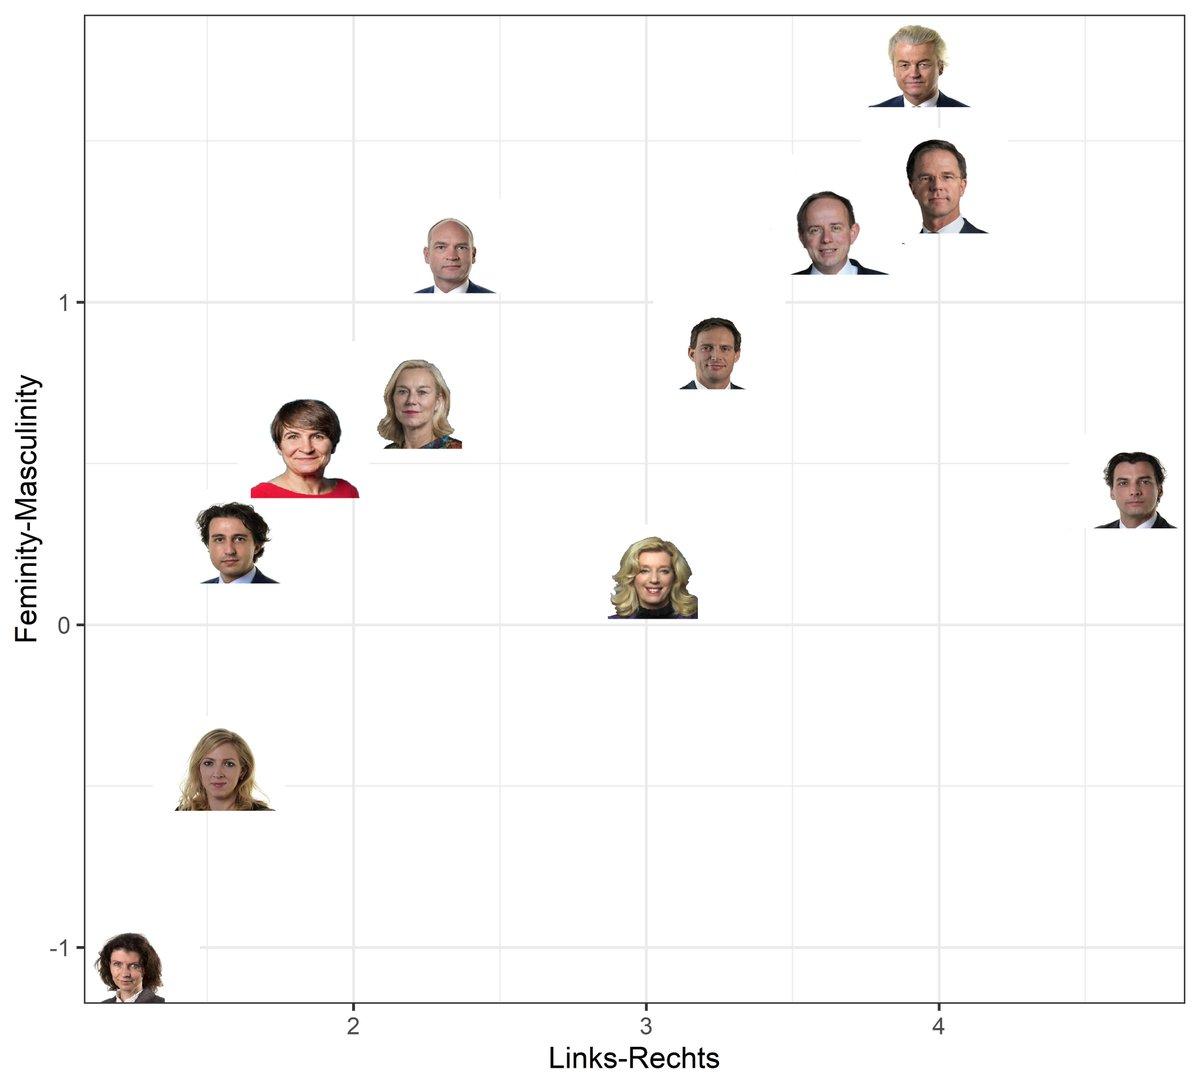 Hebben onze lijsttrekkers eigenlijk wel het juiste gezicht? Linkse kiezers hebben een voorkeur voor meer feminieme gezichten, en rechtse kiezers hebben liever masculiene gezichten. Zien we dit dan ook terug in de gezichten van onze lijsttrekkers? stukroodvlees.nl/rechtse-lijstt…